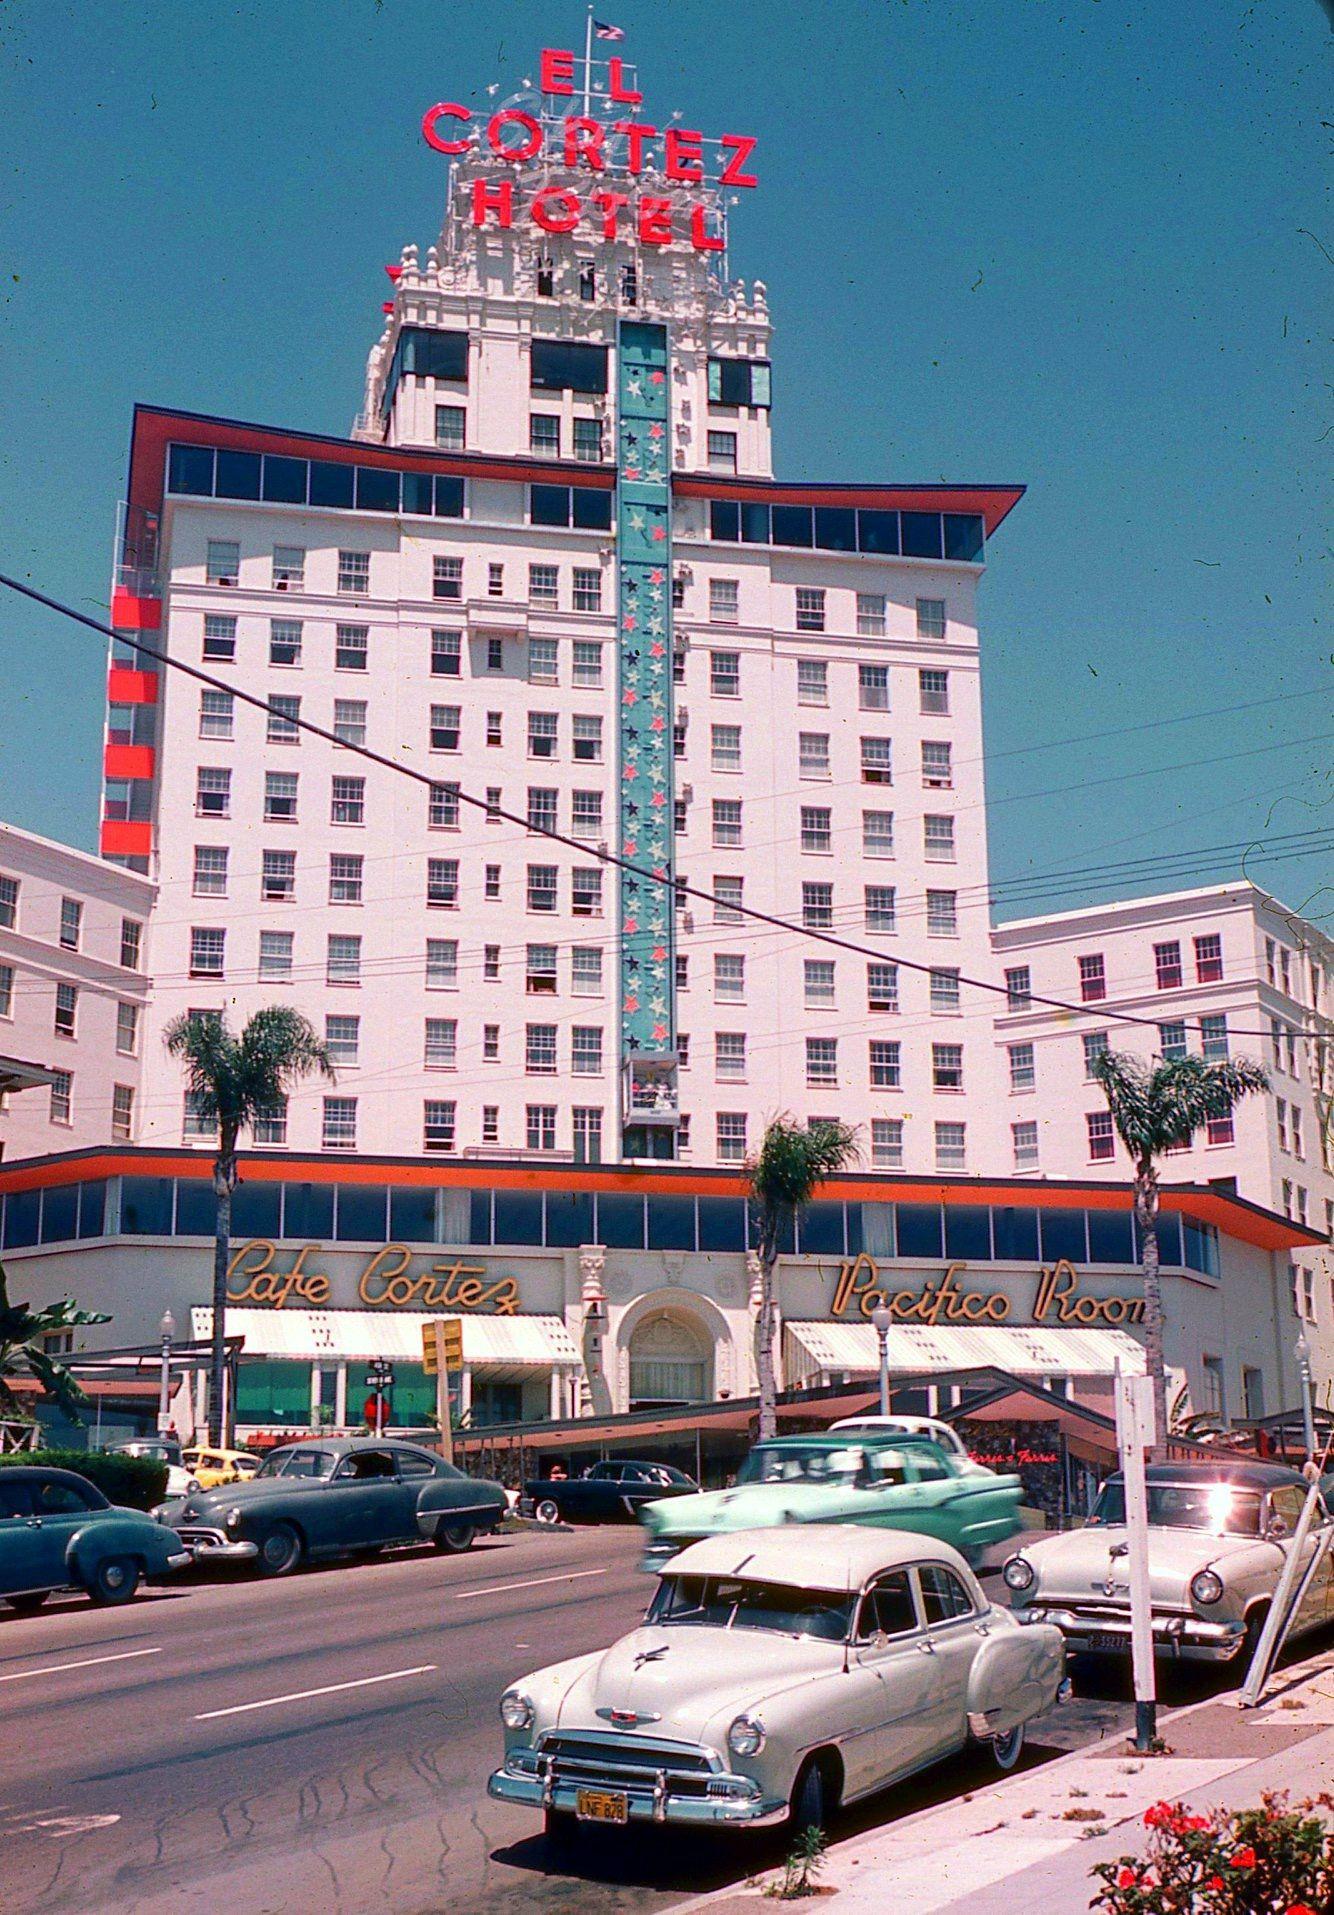 El Cortez Hotel, San Diego, CA, 1958 (With Images)